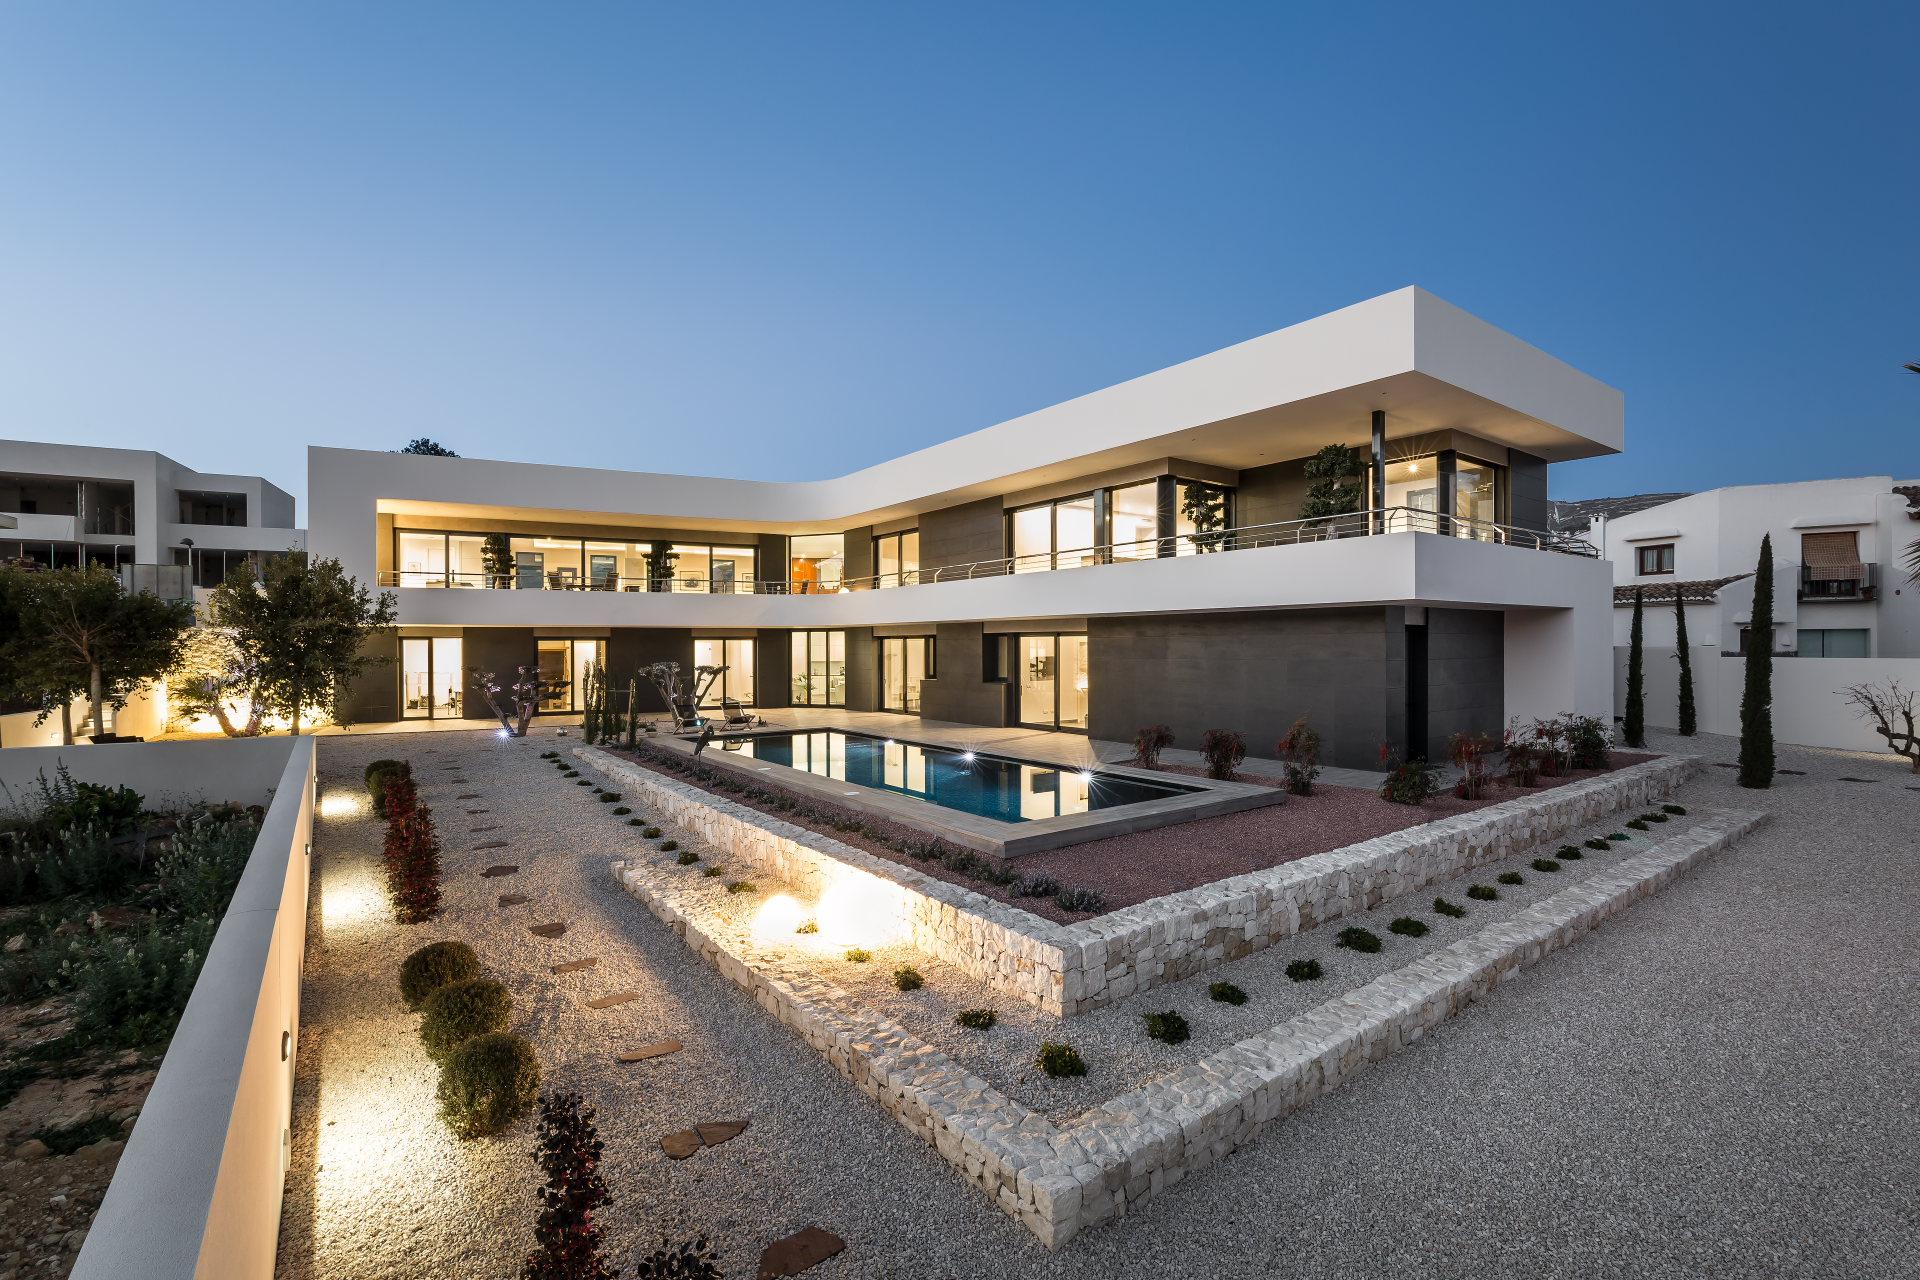 fotografia-arquitectura-valencia-alicante-moraira-german-cabo-pascual-giner (14)